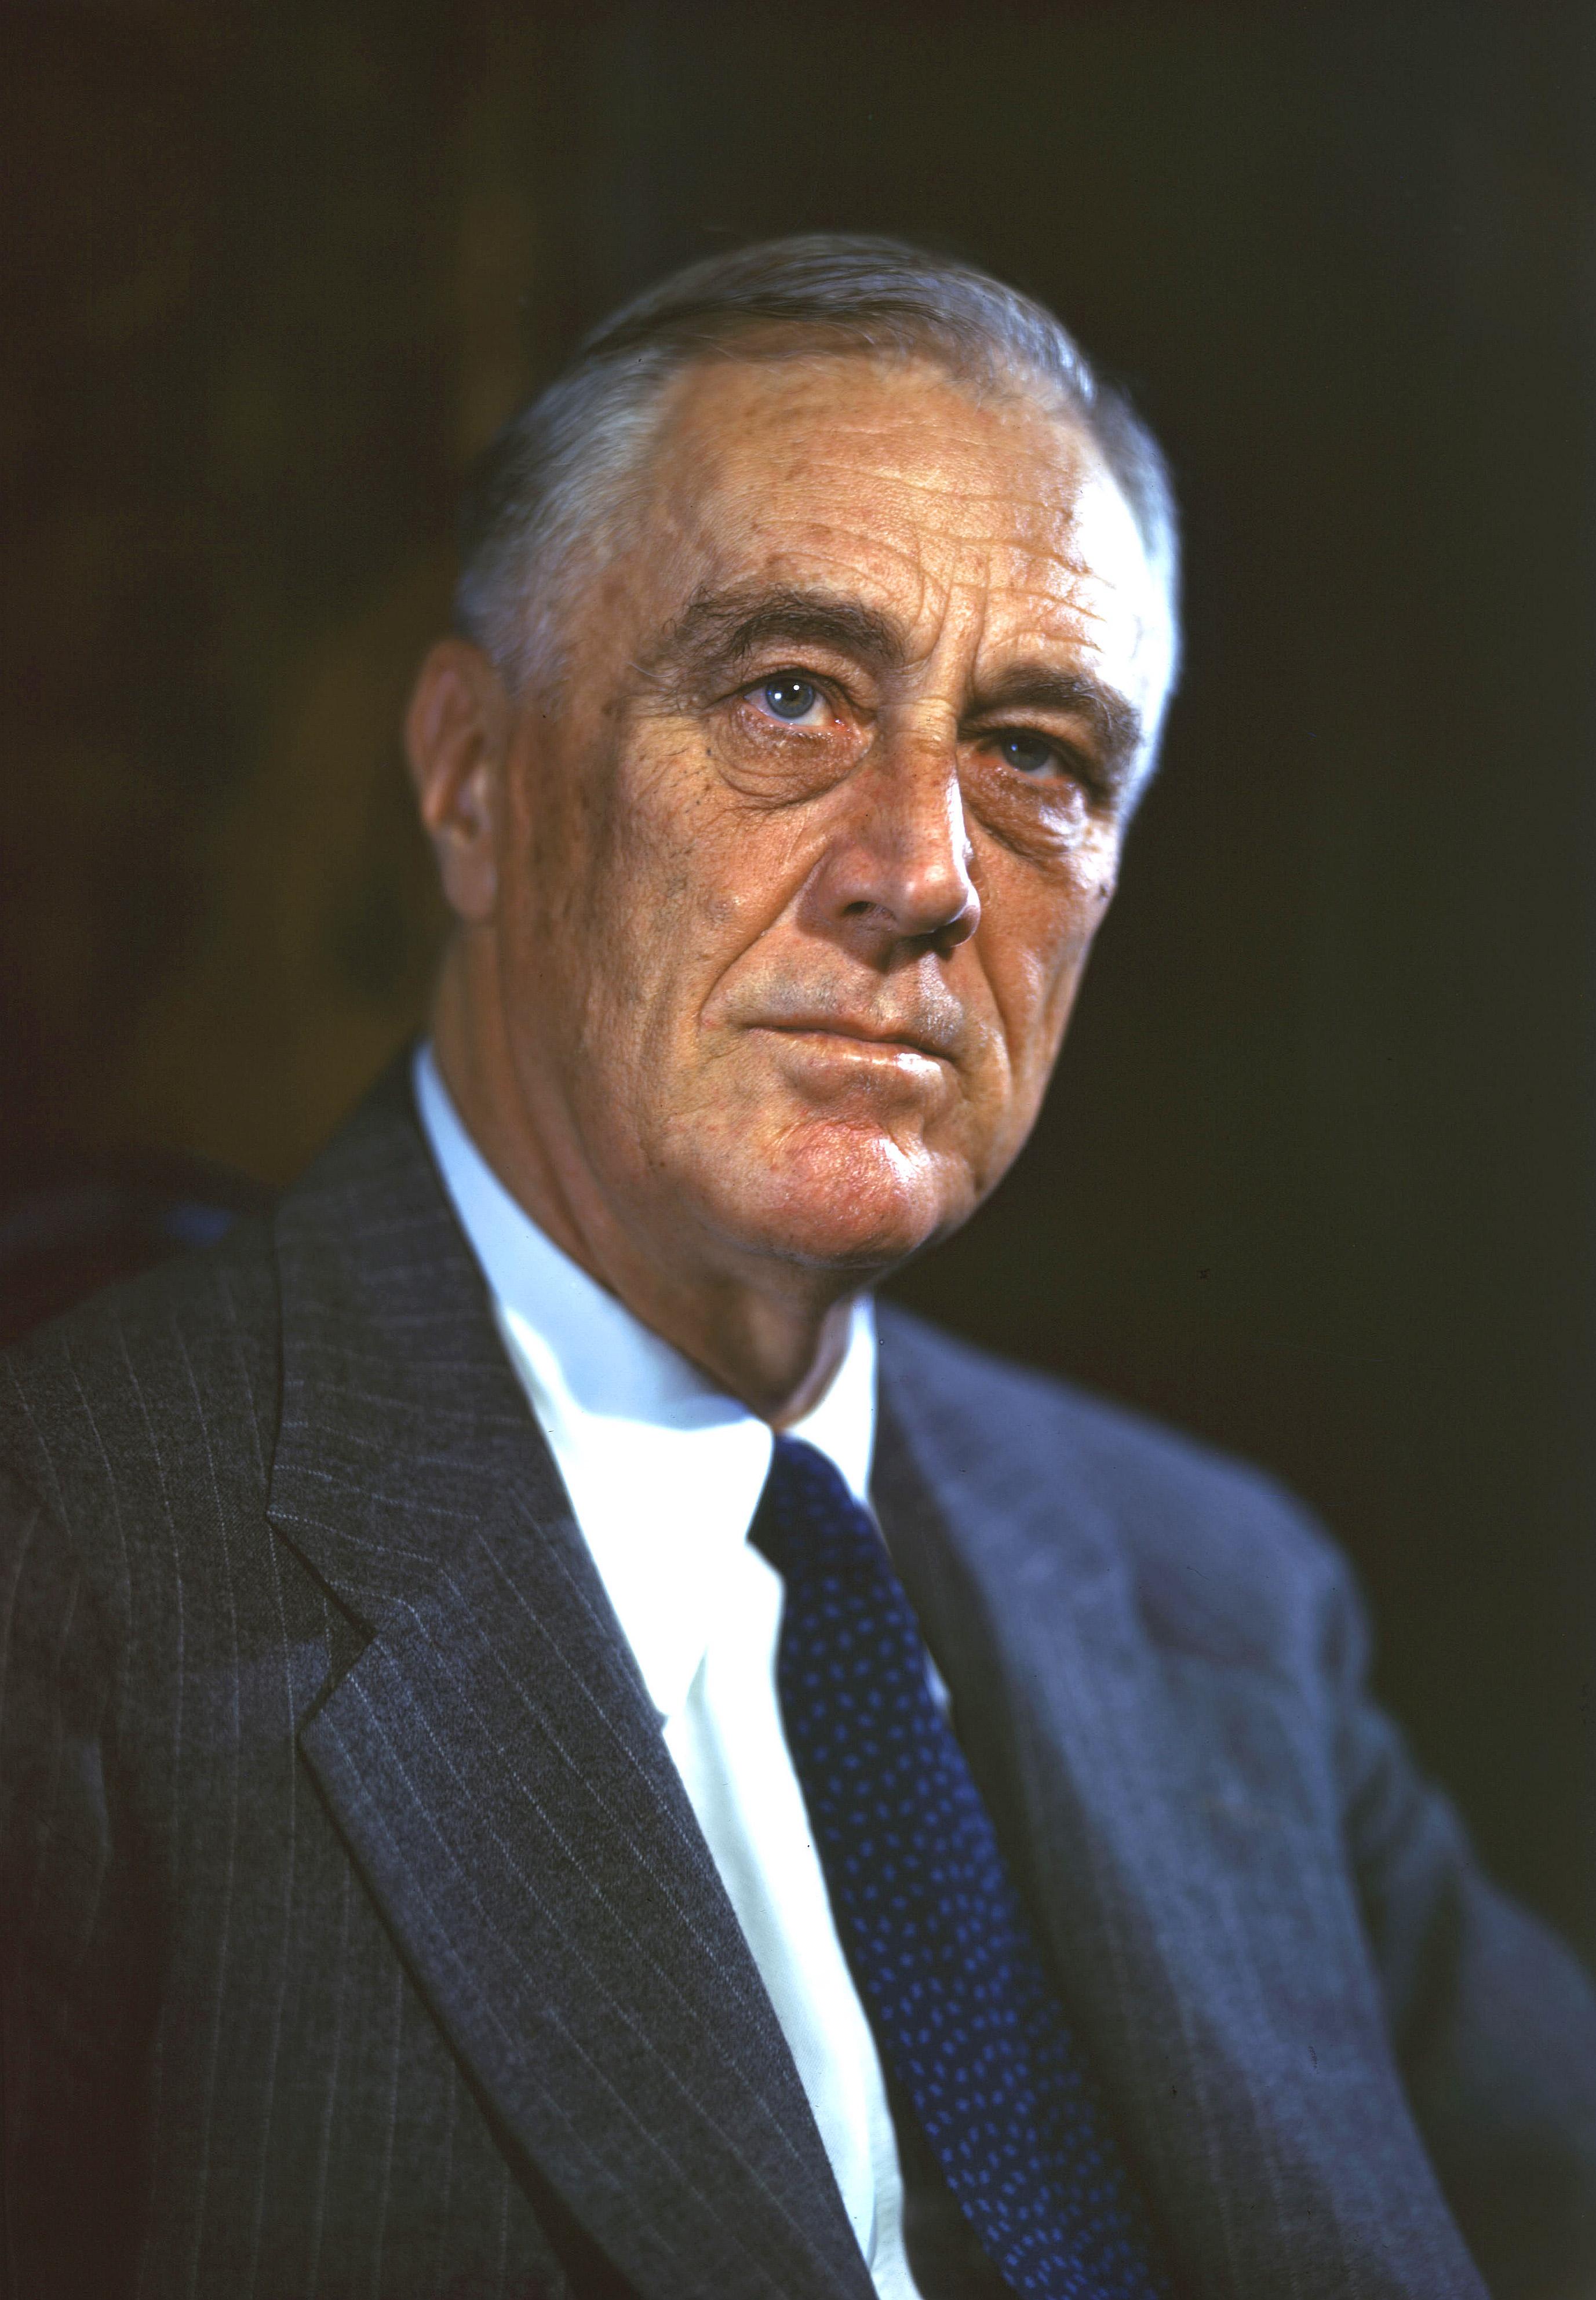 Veja o que saiu no Migalhas sobre Franklin D. Roosevelt